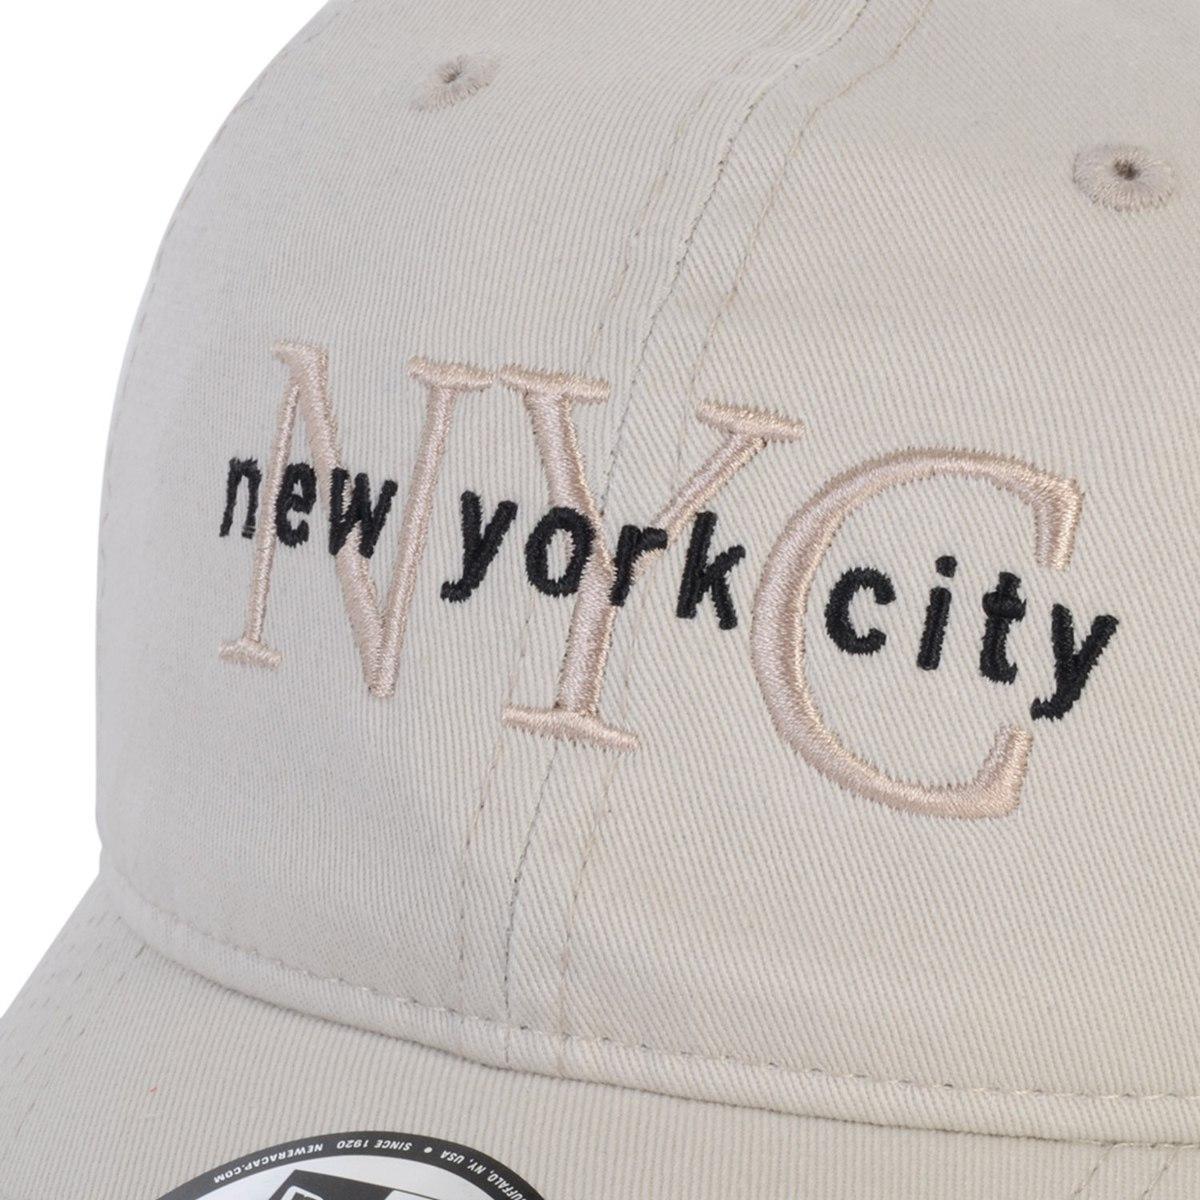 7b9057ec3 boné new era new york city bege. Carregando zoom.